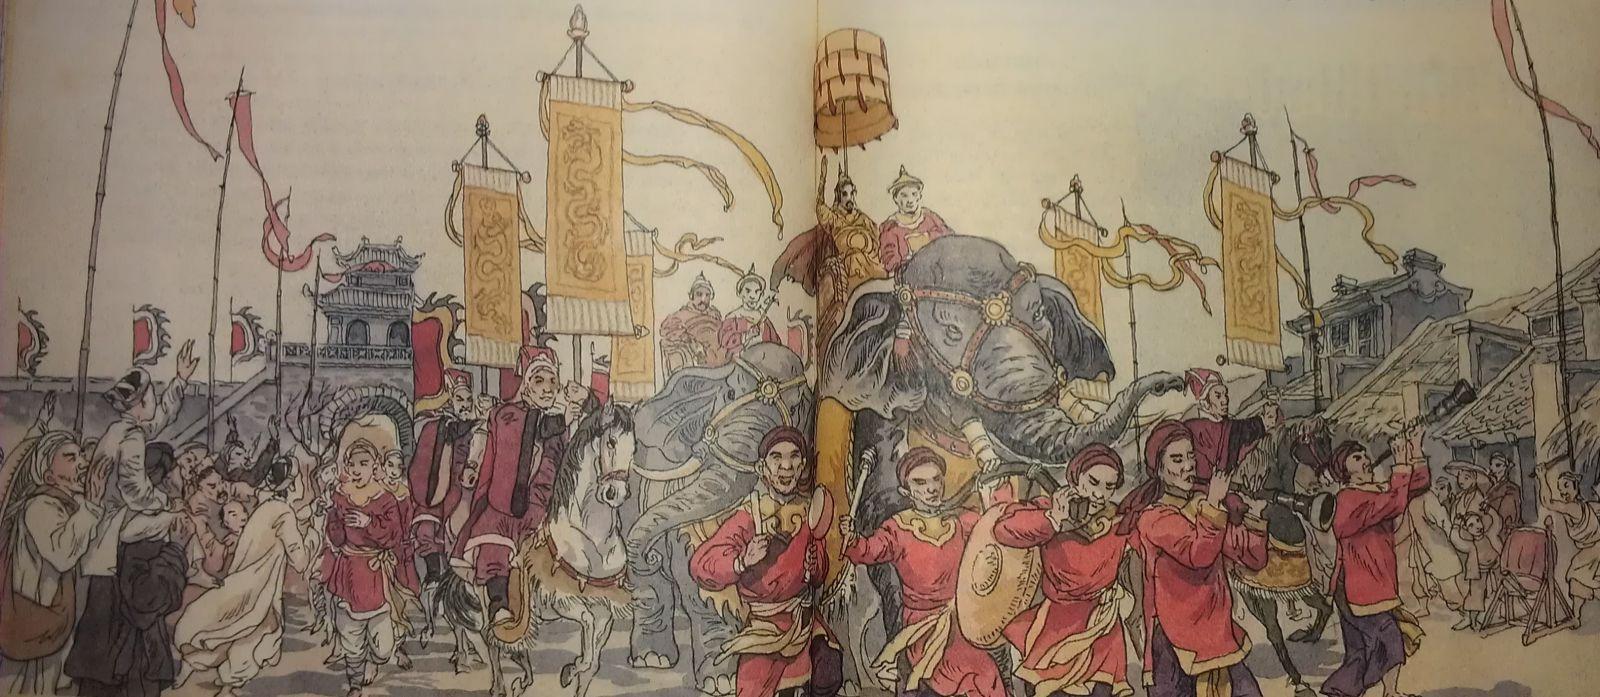 Hoàng đế Quang Trung đã làm gì sau khi đánh quân phương Bắc tơi bời?